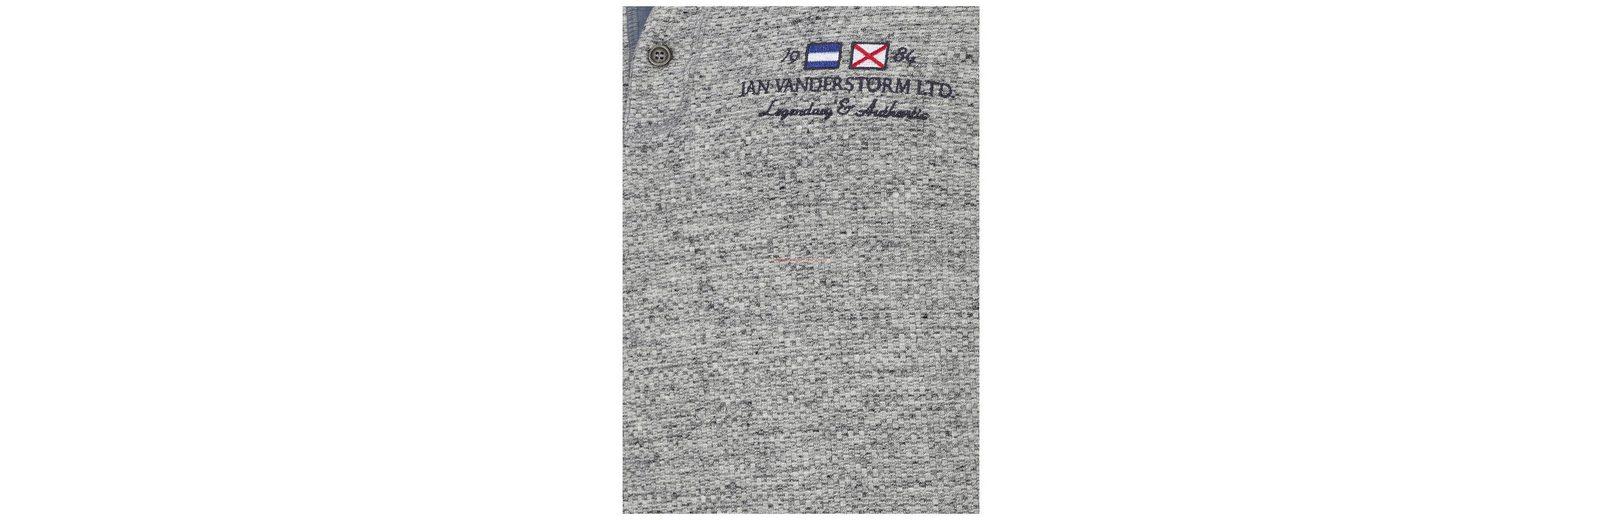 Rabatt Besuch Neu Jan Vanderstorm Sweatshirt IIVO Auslass 2018 Unisex Freies Verschiffen Hohe Qualität Aussicht SltvscVUE